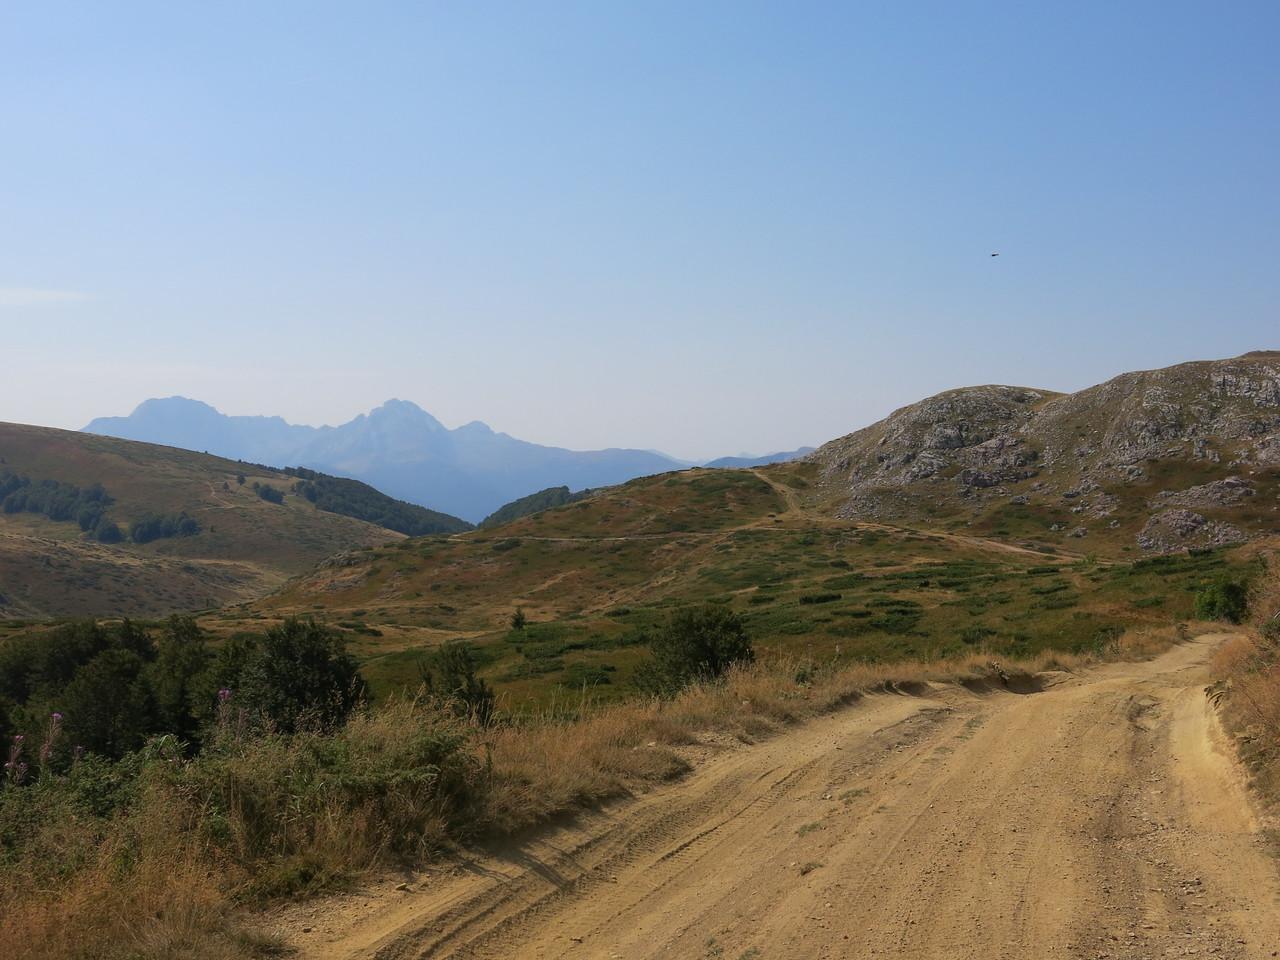 Exploring a route to Berane through the mountains